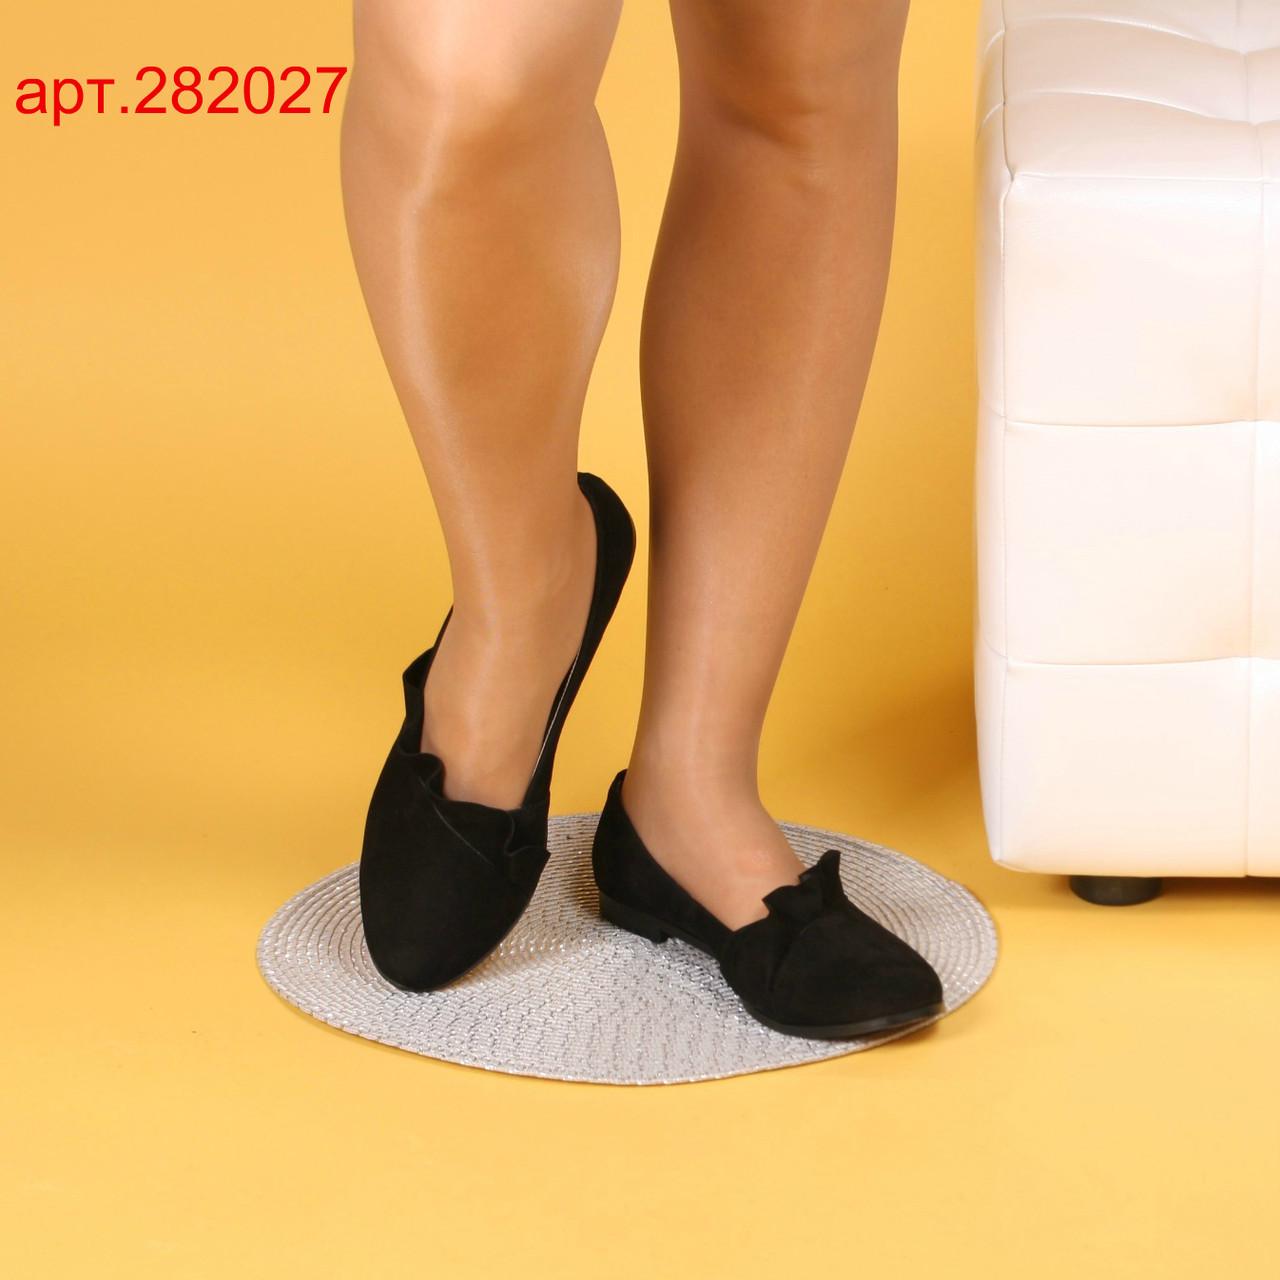 Жіночі замшеві легкі туфлі. Колір будь-який під замовлення